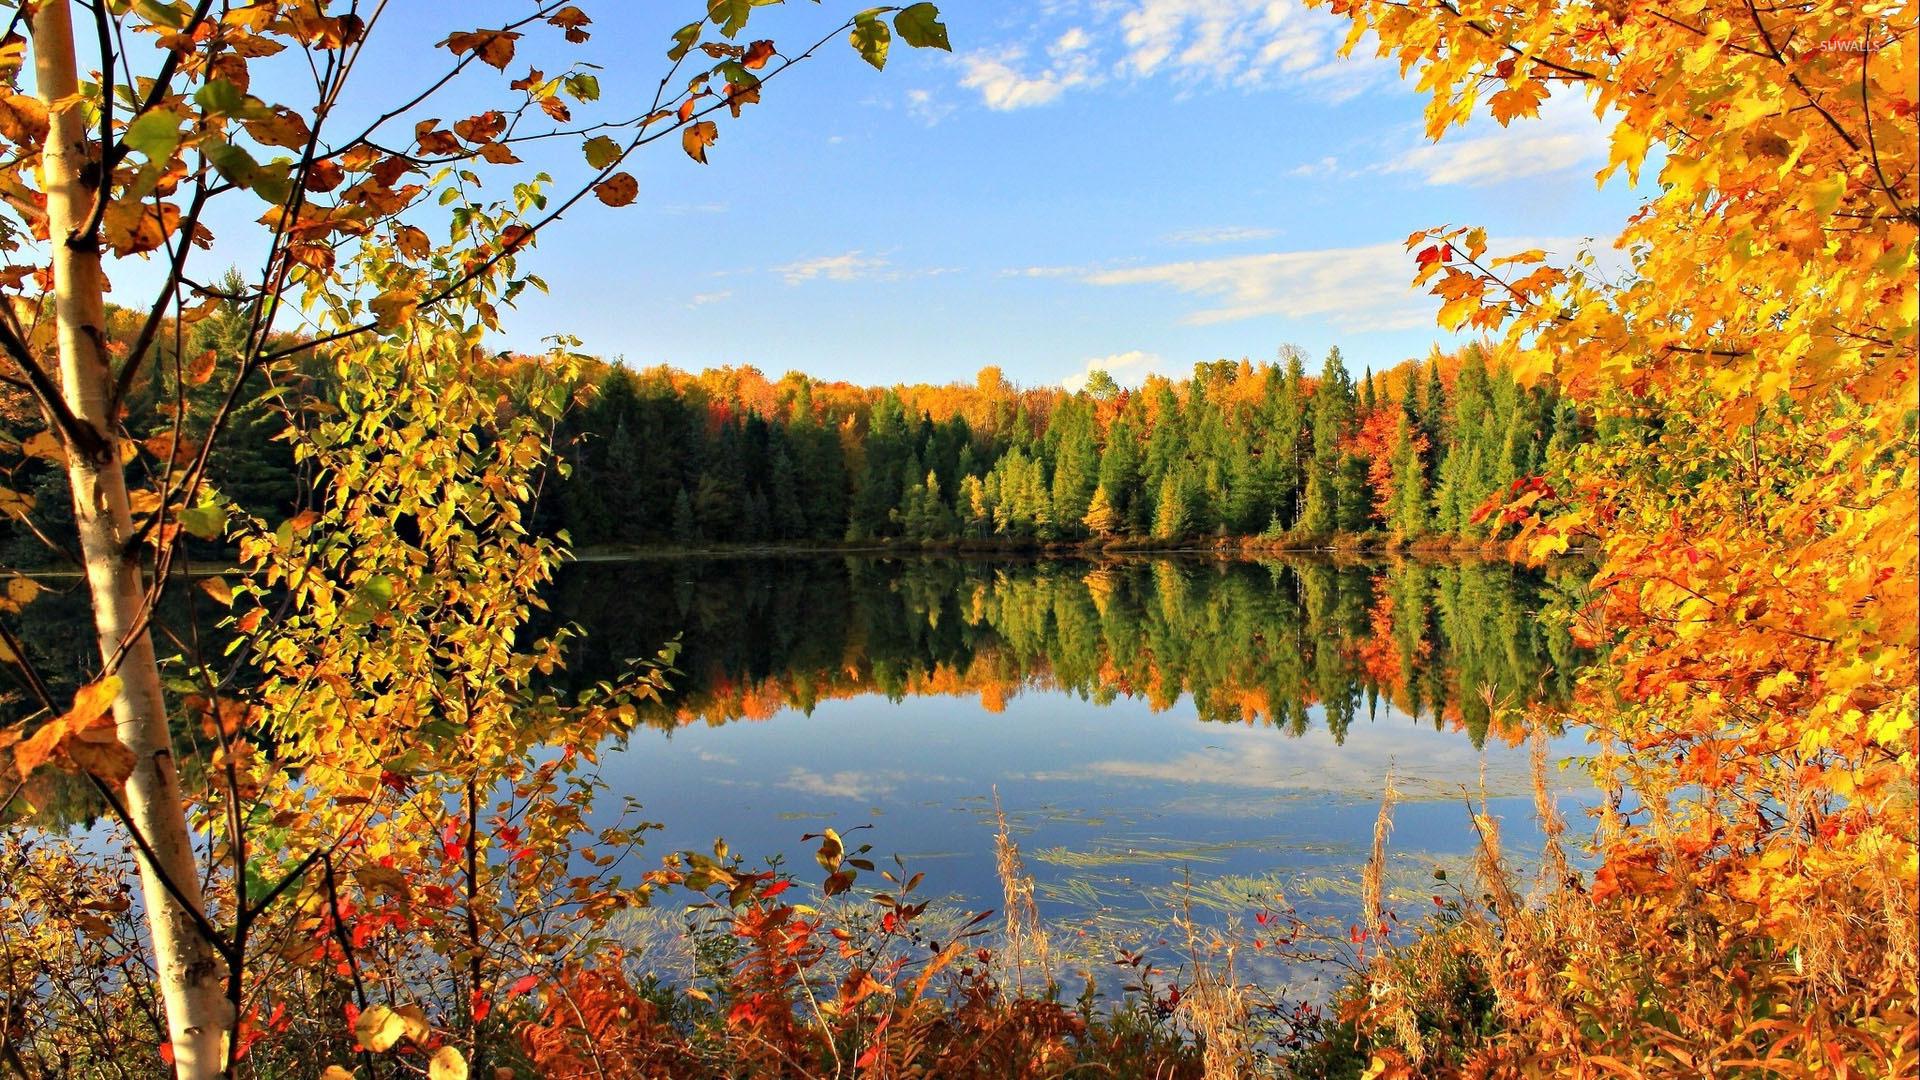 autumn wallpapersautumn picautumn picturesautumn - photo #8